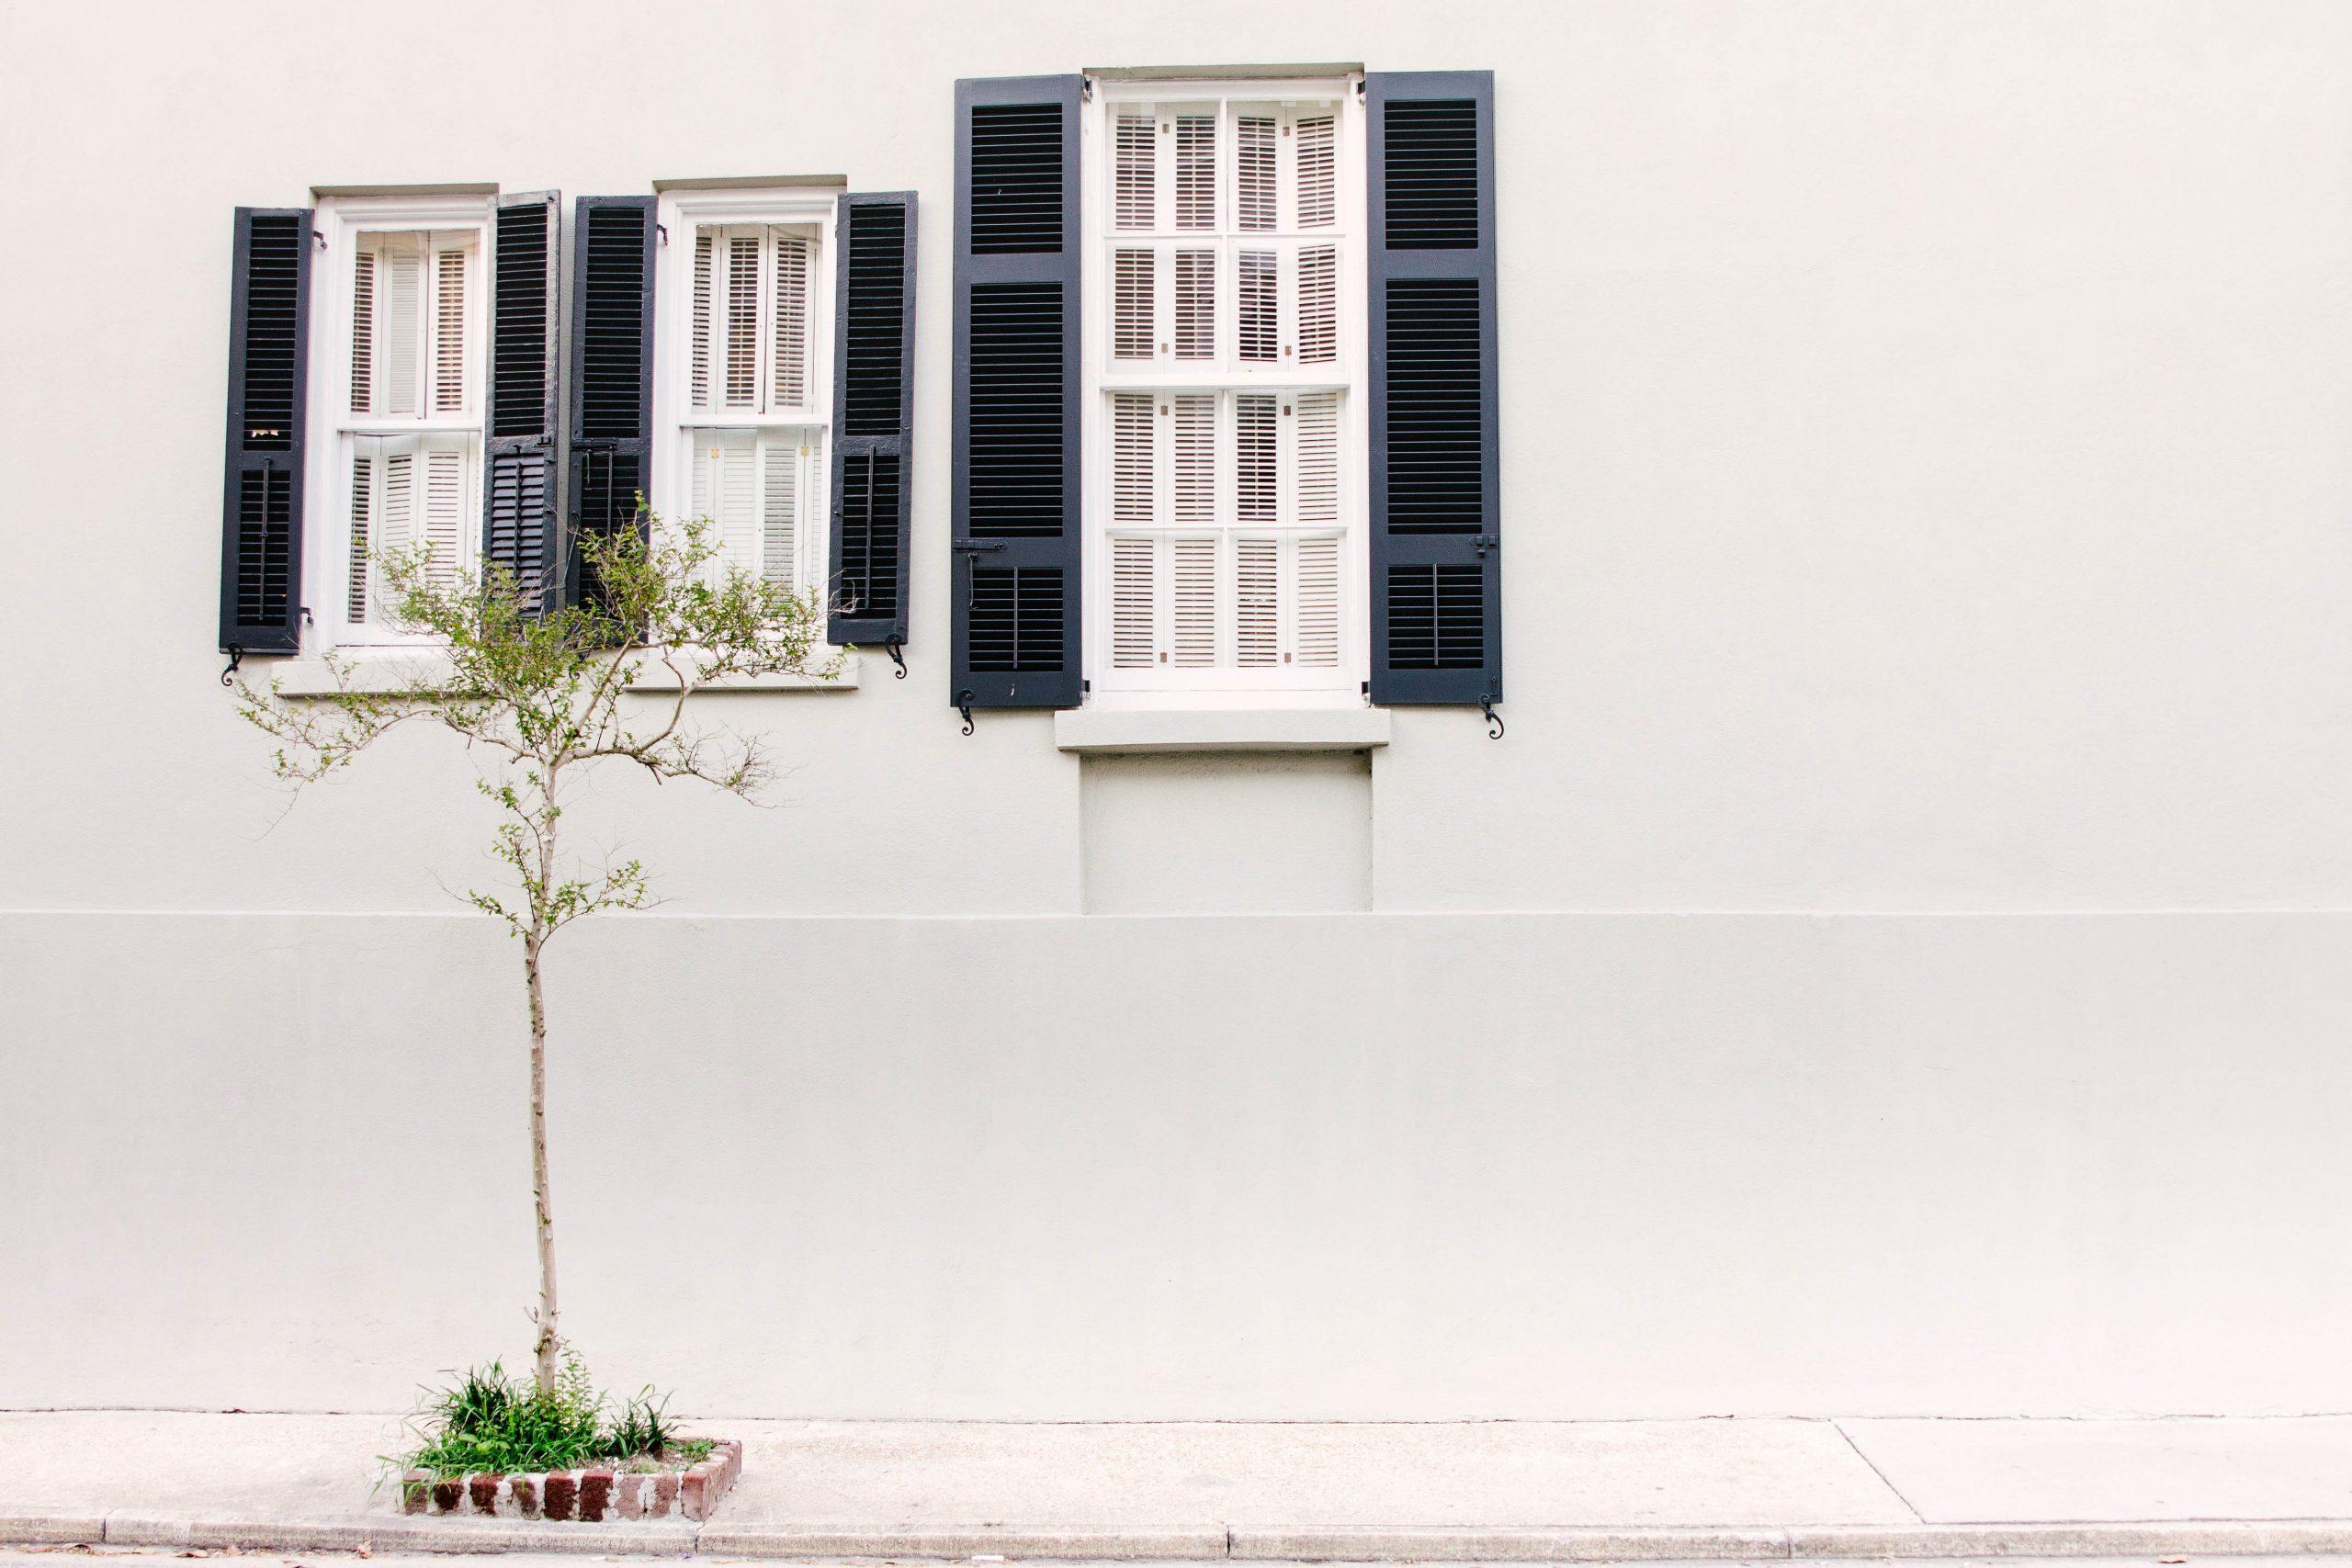 Tidy Minds bewust leven minimalisme duurzaamheid financieel onafhankelijk passief inkomen ontspullen